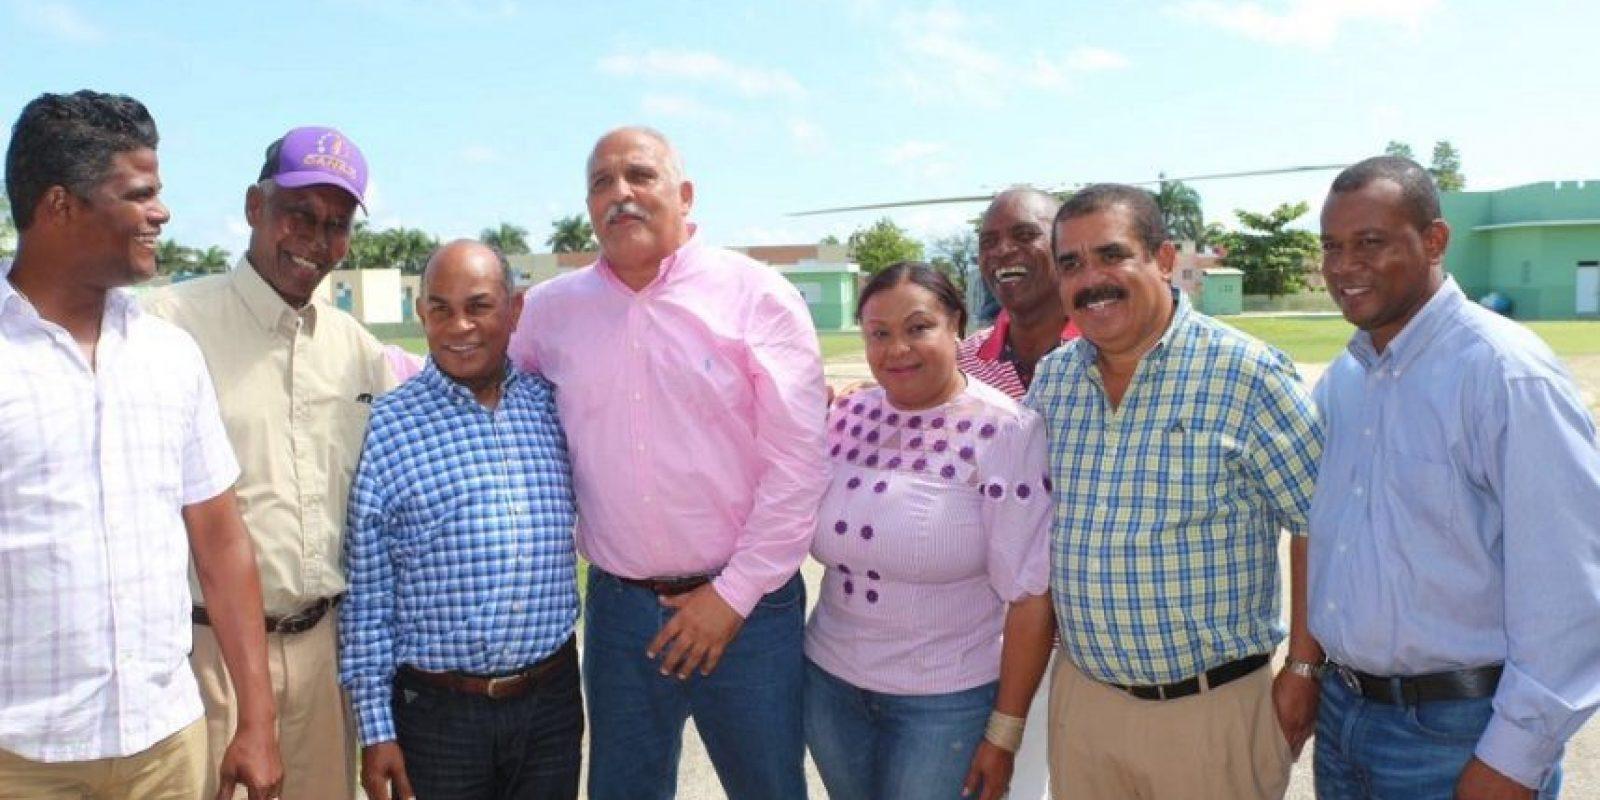 Jaime David Fernández Mirabal, ministro de Deportes, en compañía del senador Adriano Sánchez. Foto:Fuente externa